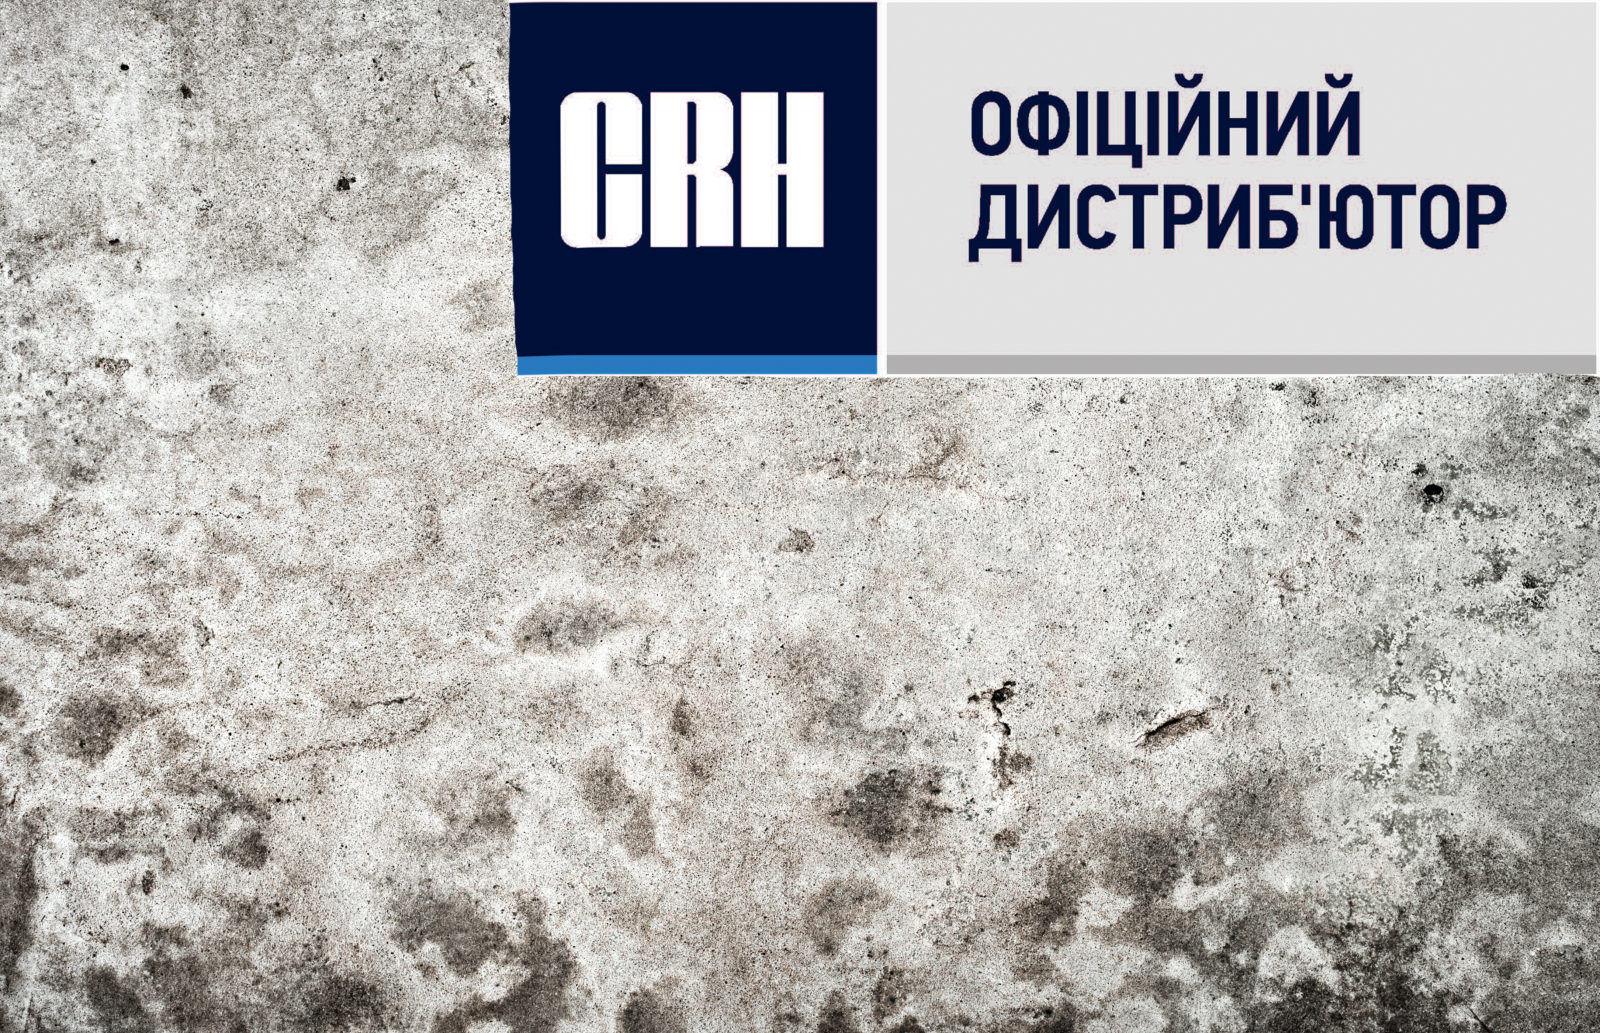 Як визначити оригінальний цемент компанії CRH за допомогою зовнішнього вигляду мішка